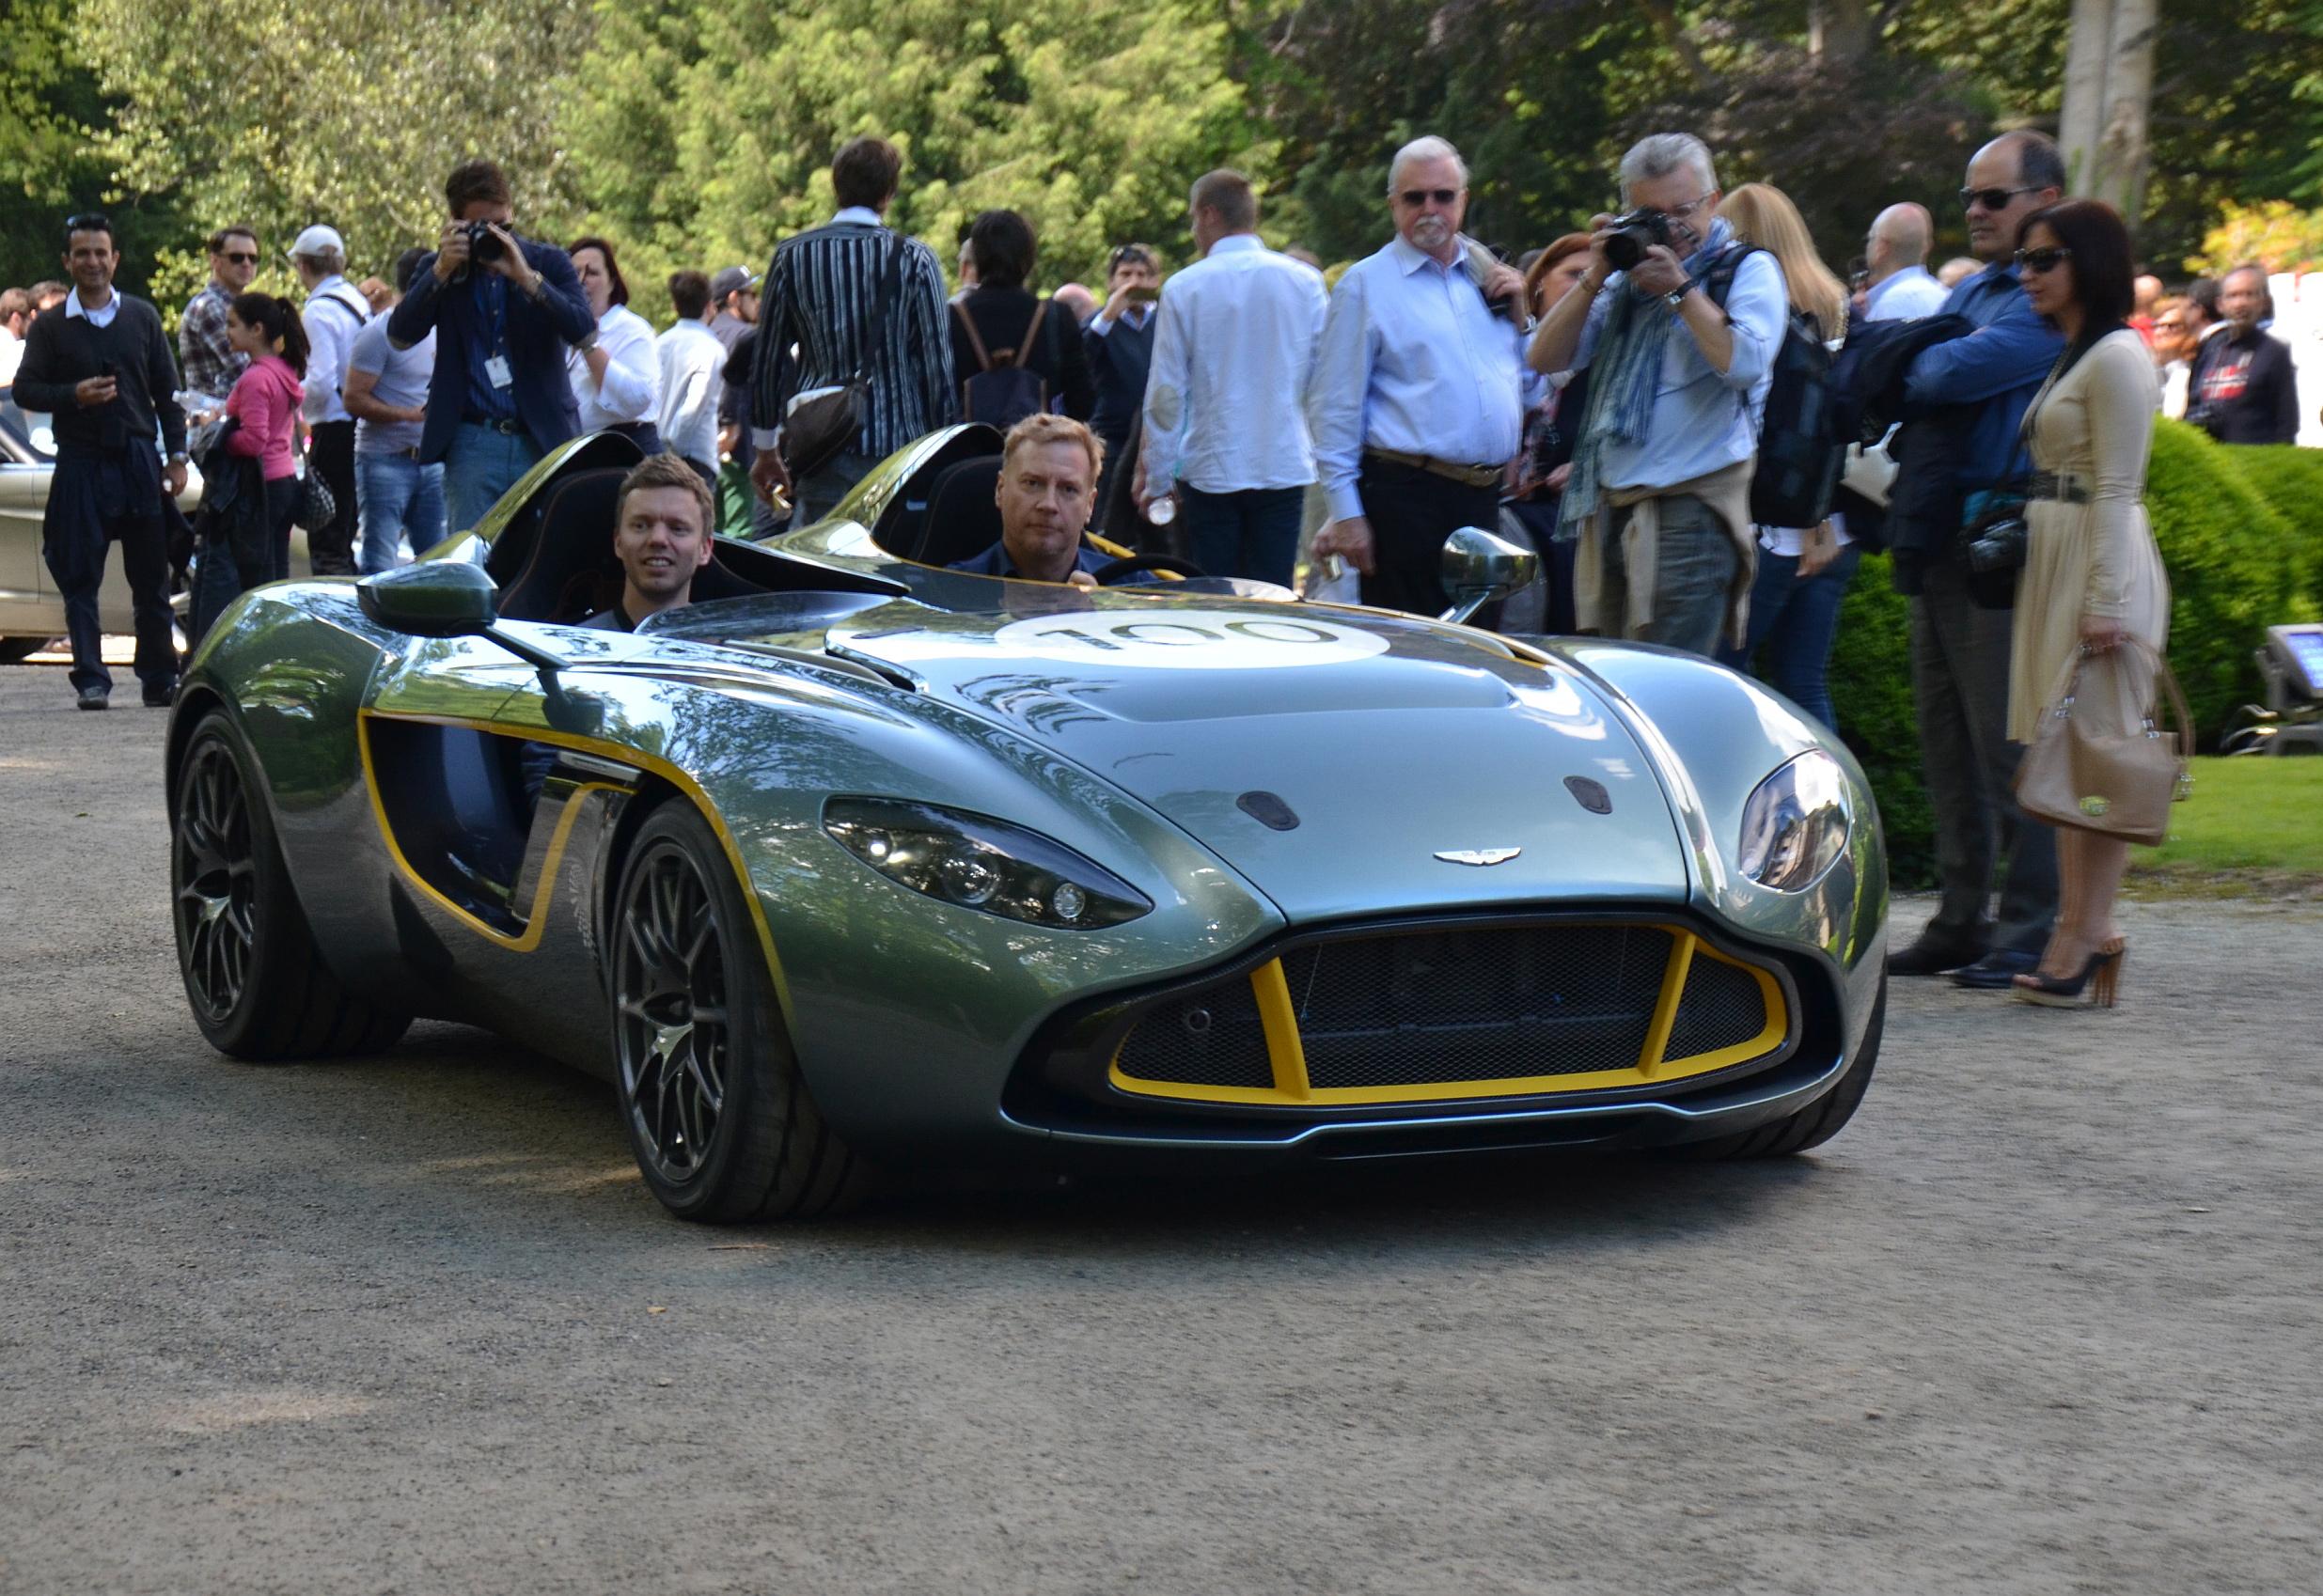 Aston-Martin-CC100-concept-4.jpg